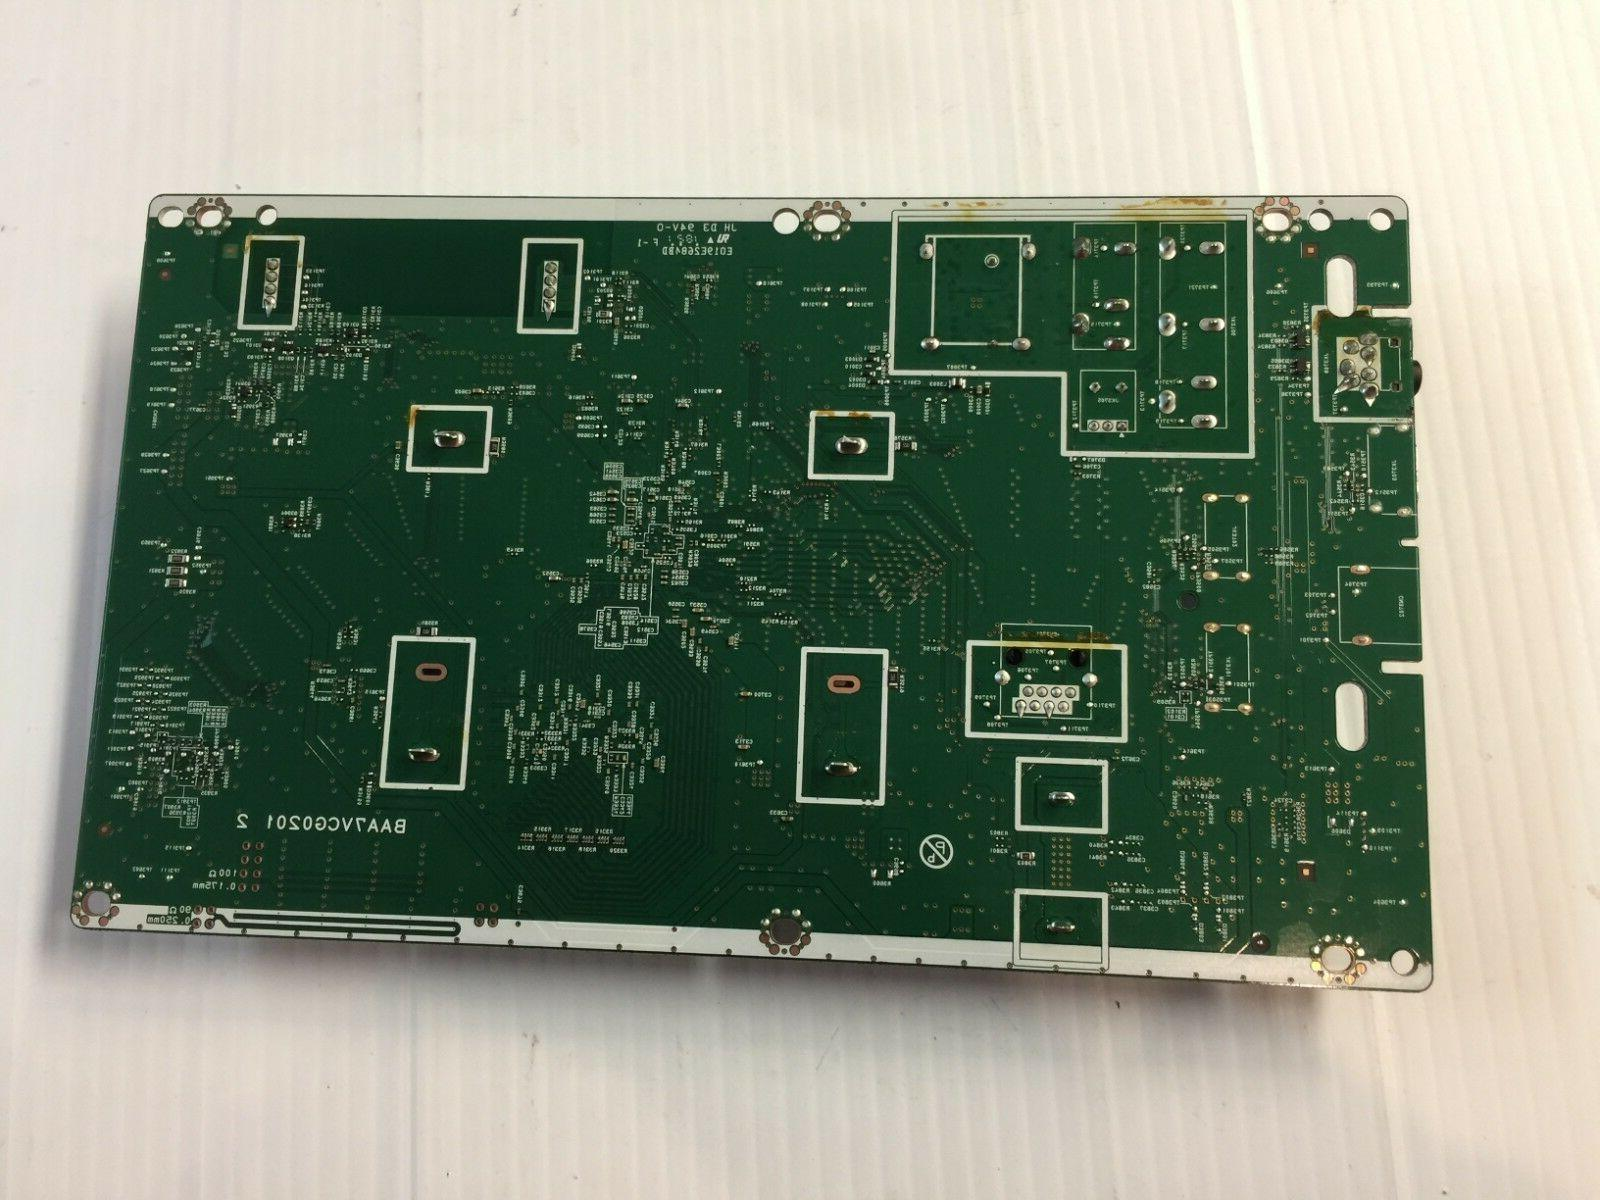 PHILIPS LED 65PFL5602/F7 C MAIN BOARD